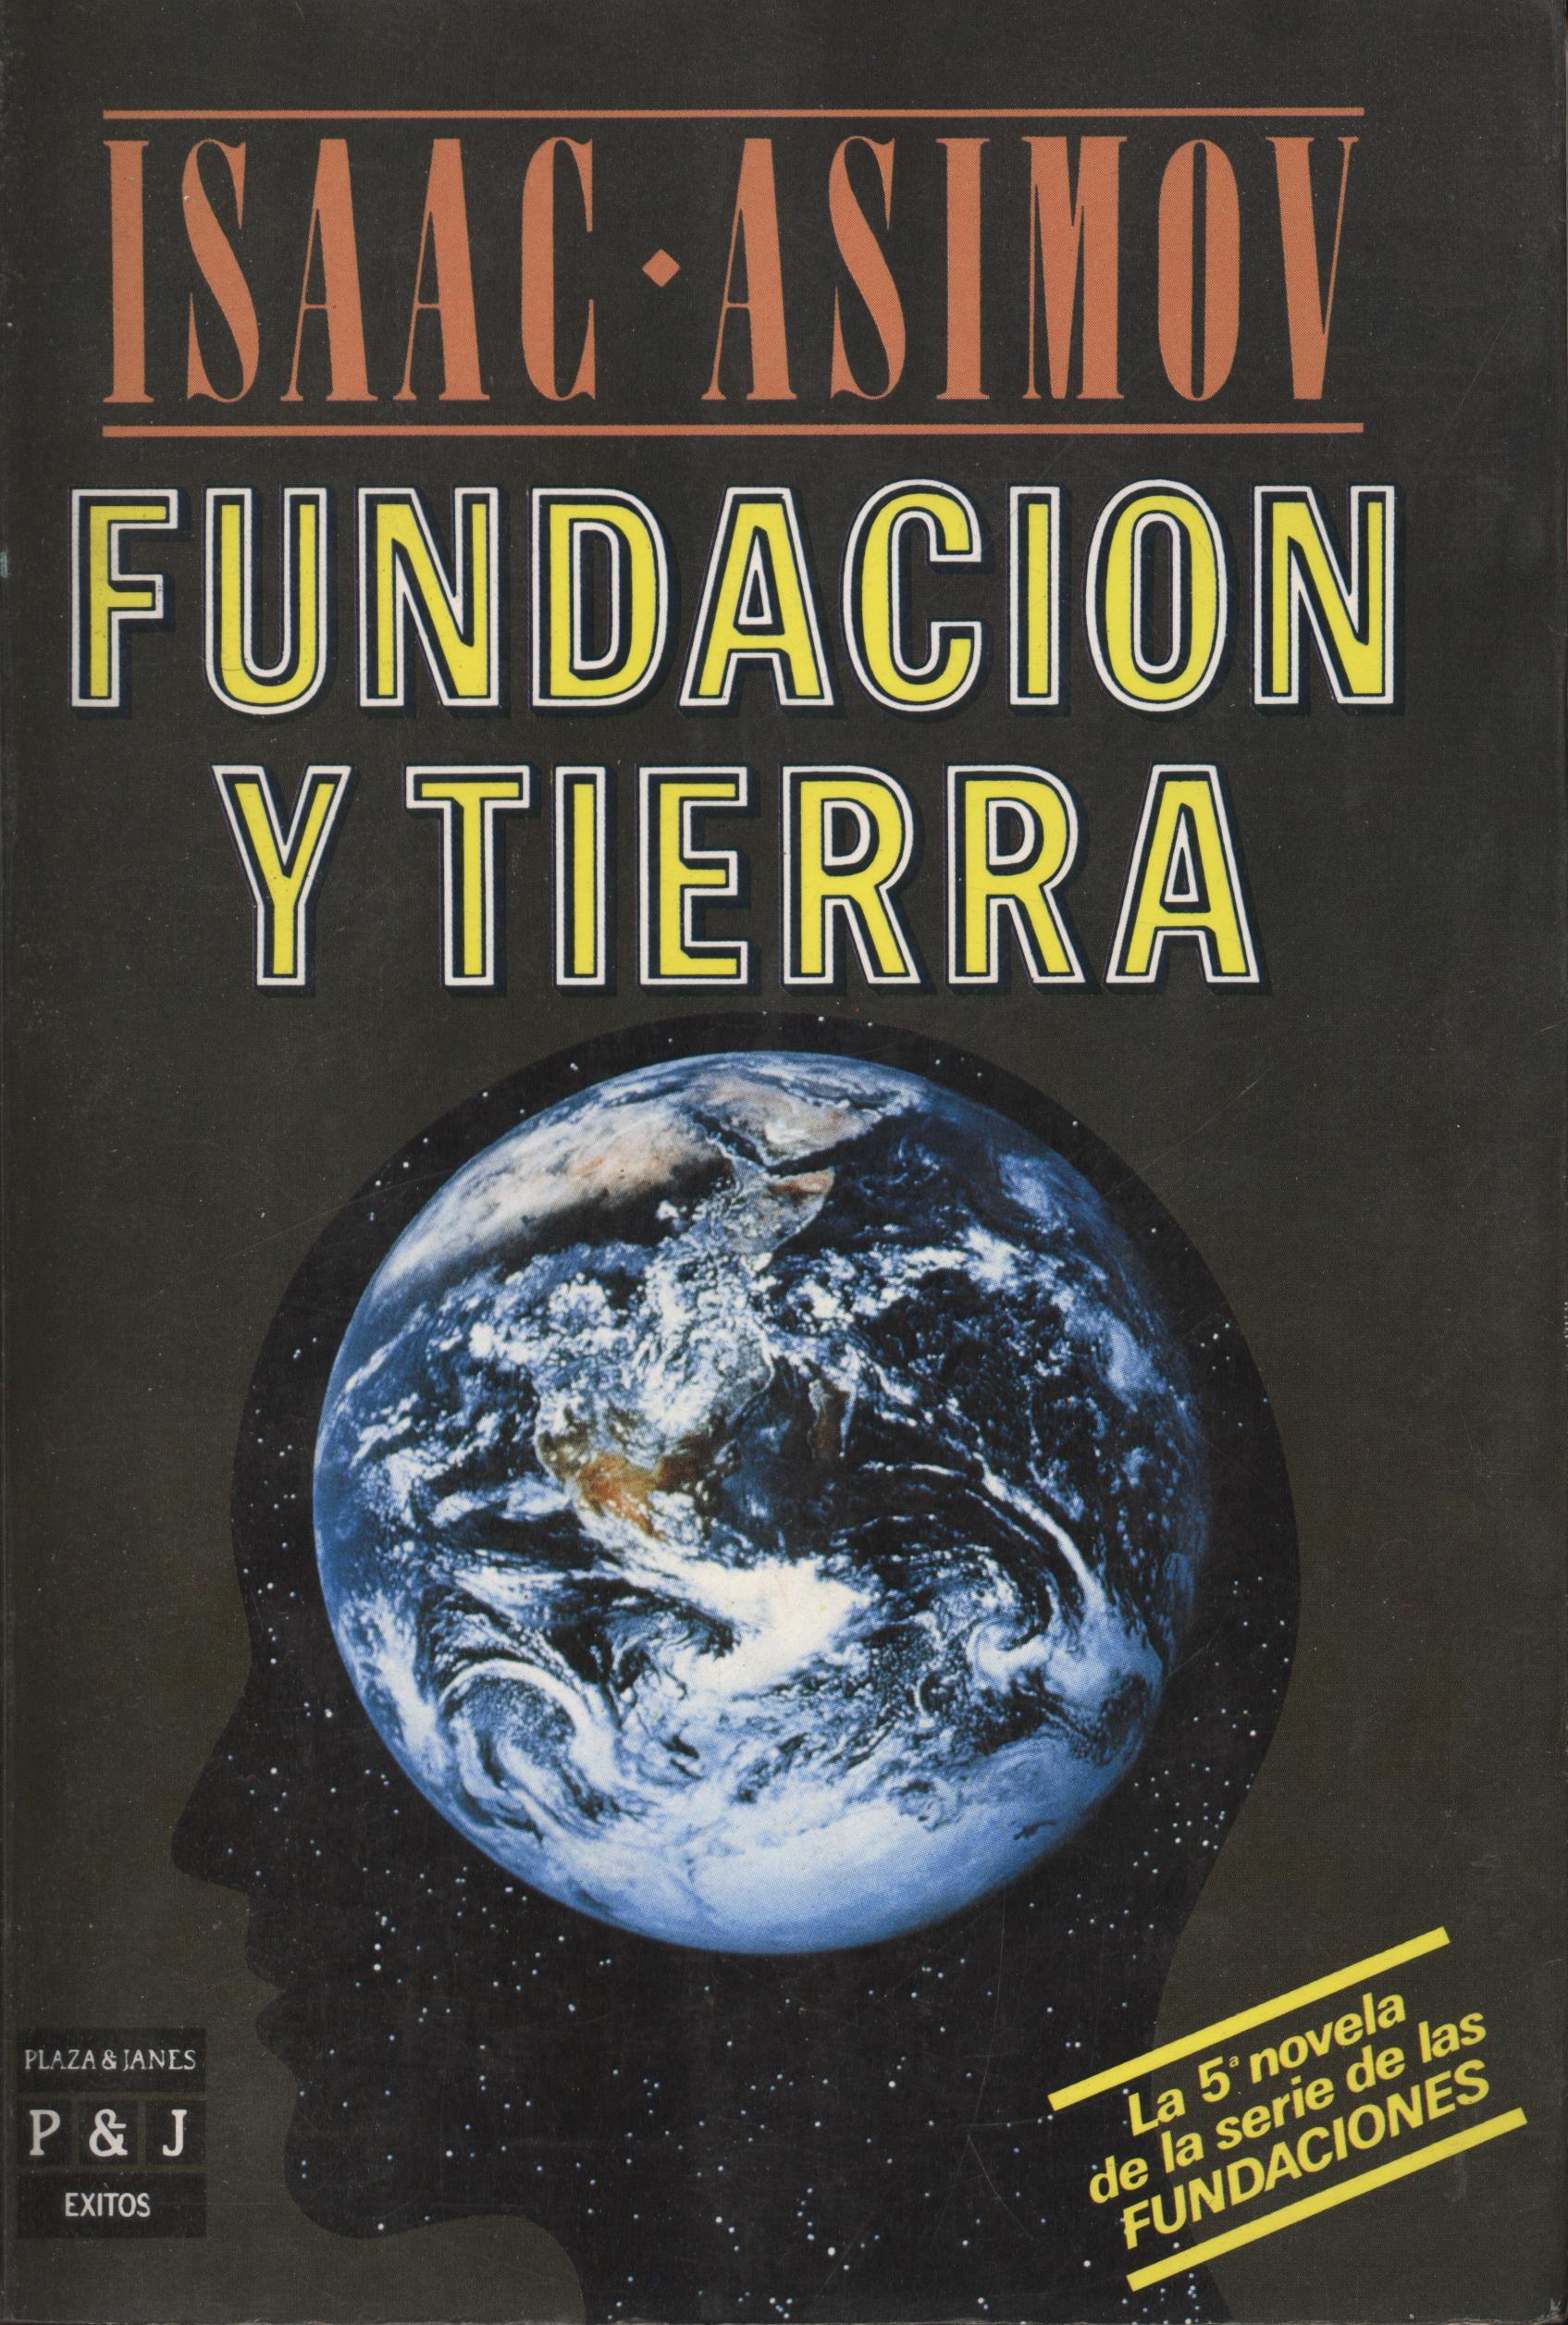 Venta online de libros de ciencia ficción como Fundación y tierra - Isaac Asimov en bratac.cat